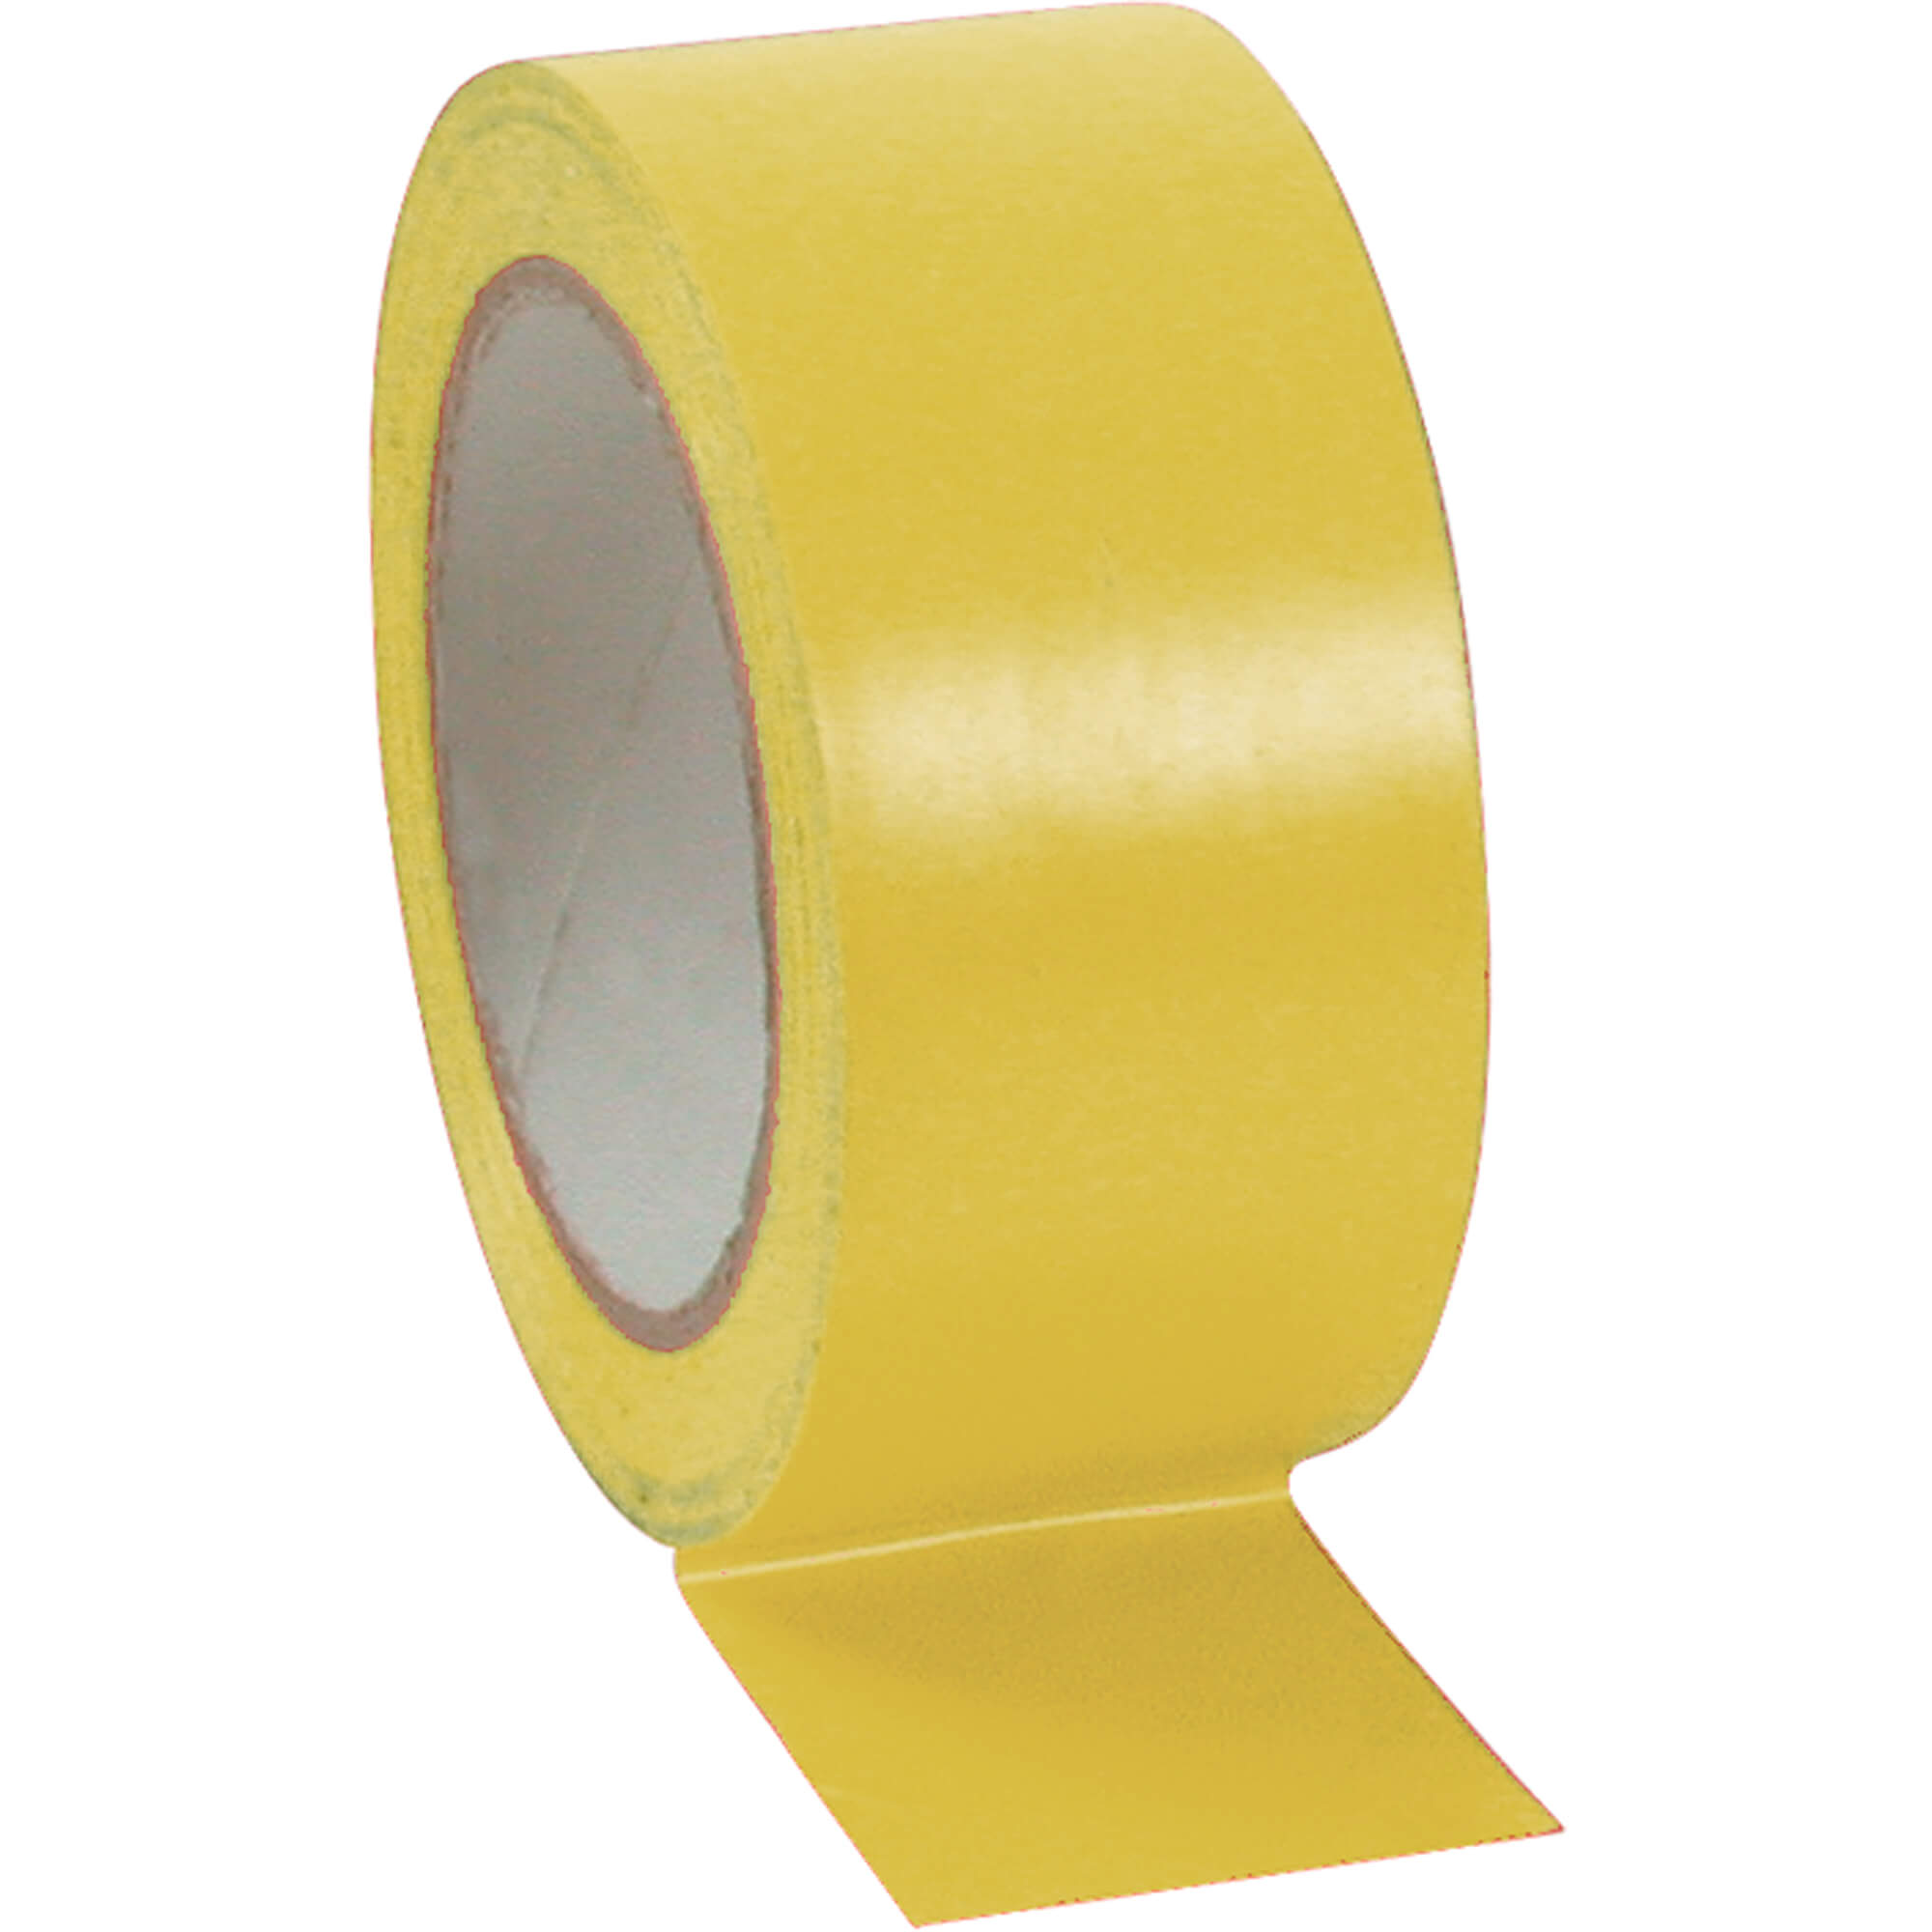 Lane Marking Tape - PST210 - Yellow - 2 (108')